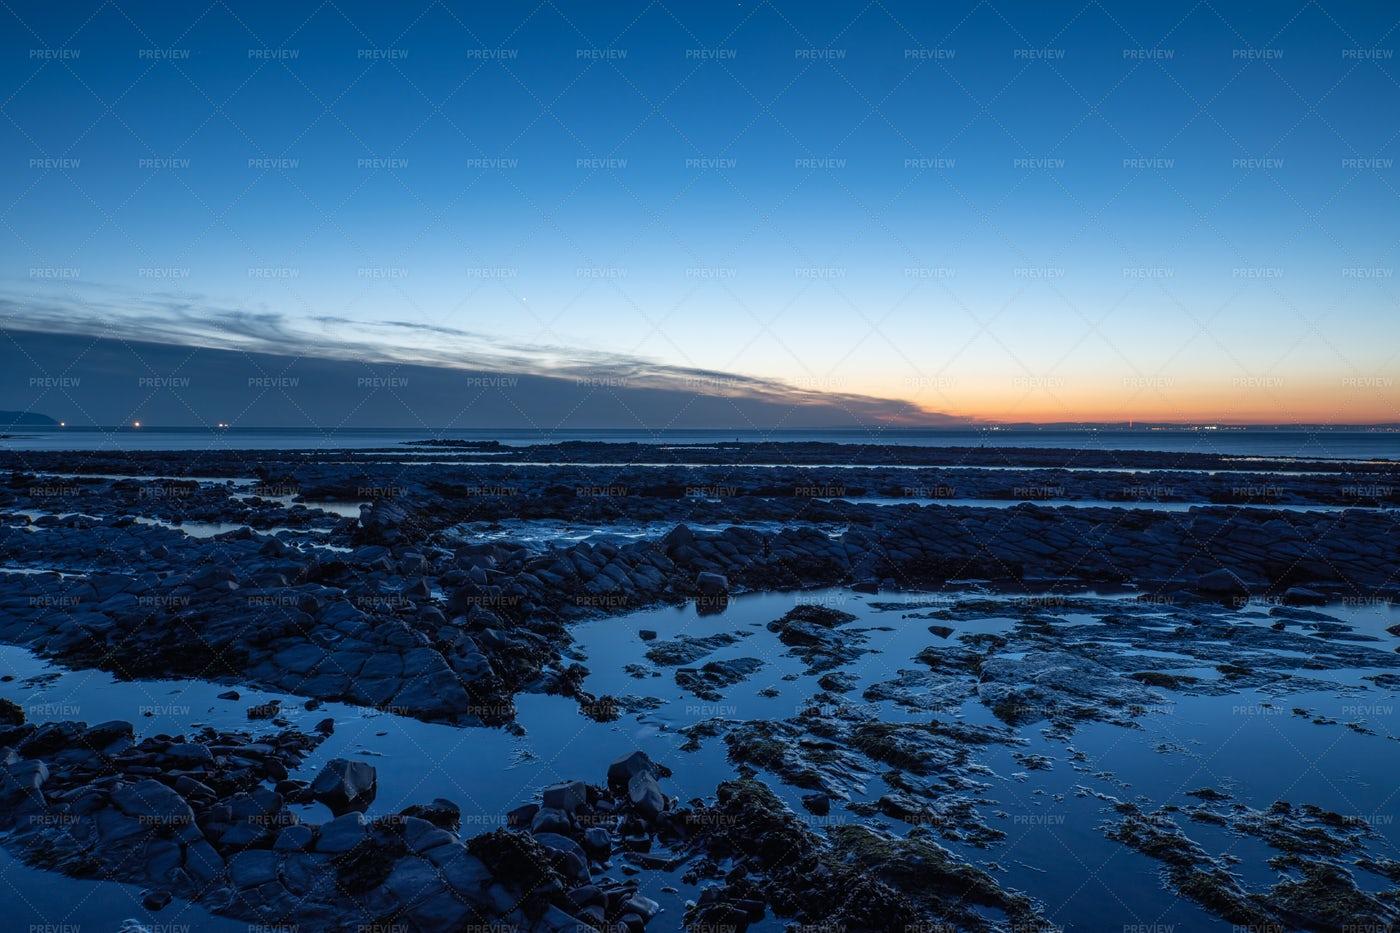 Kilve Beach At Dusk: Stock Photos